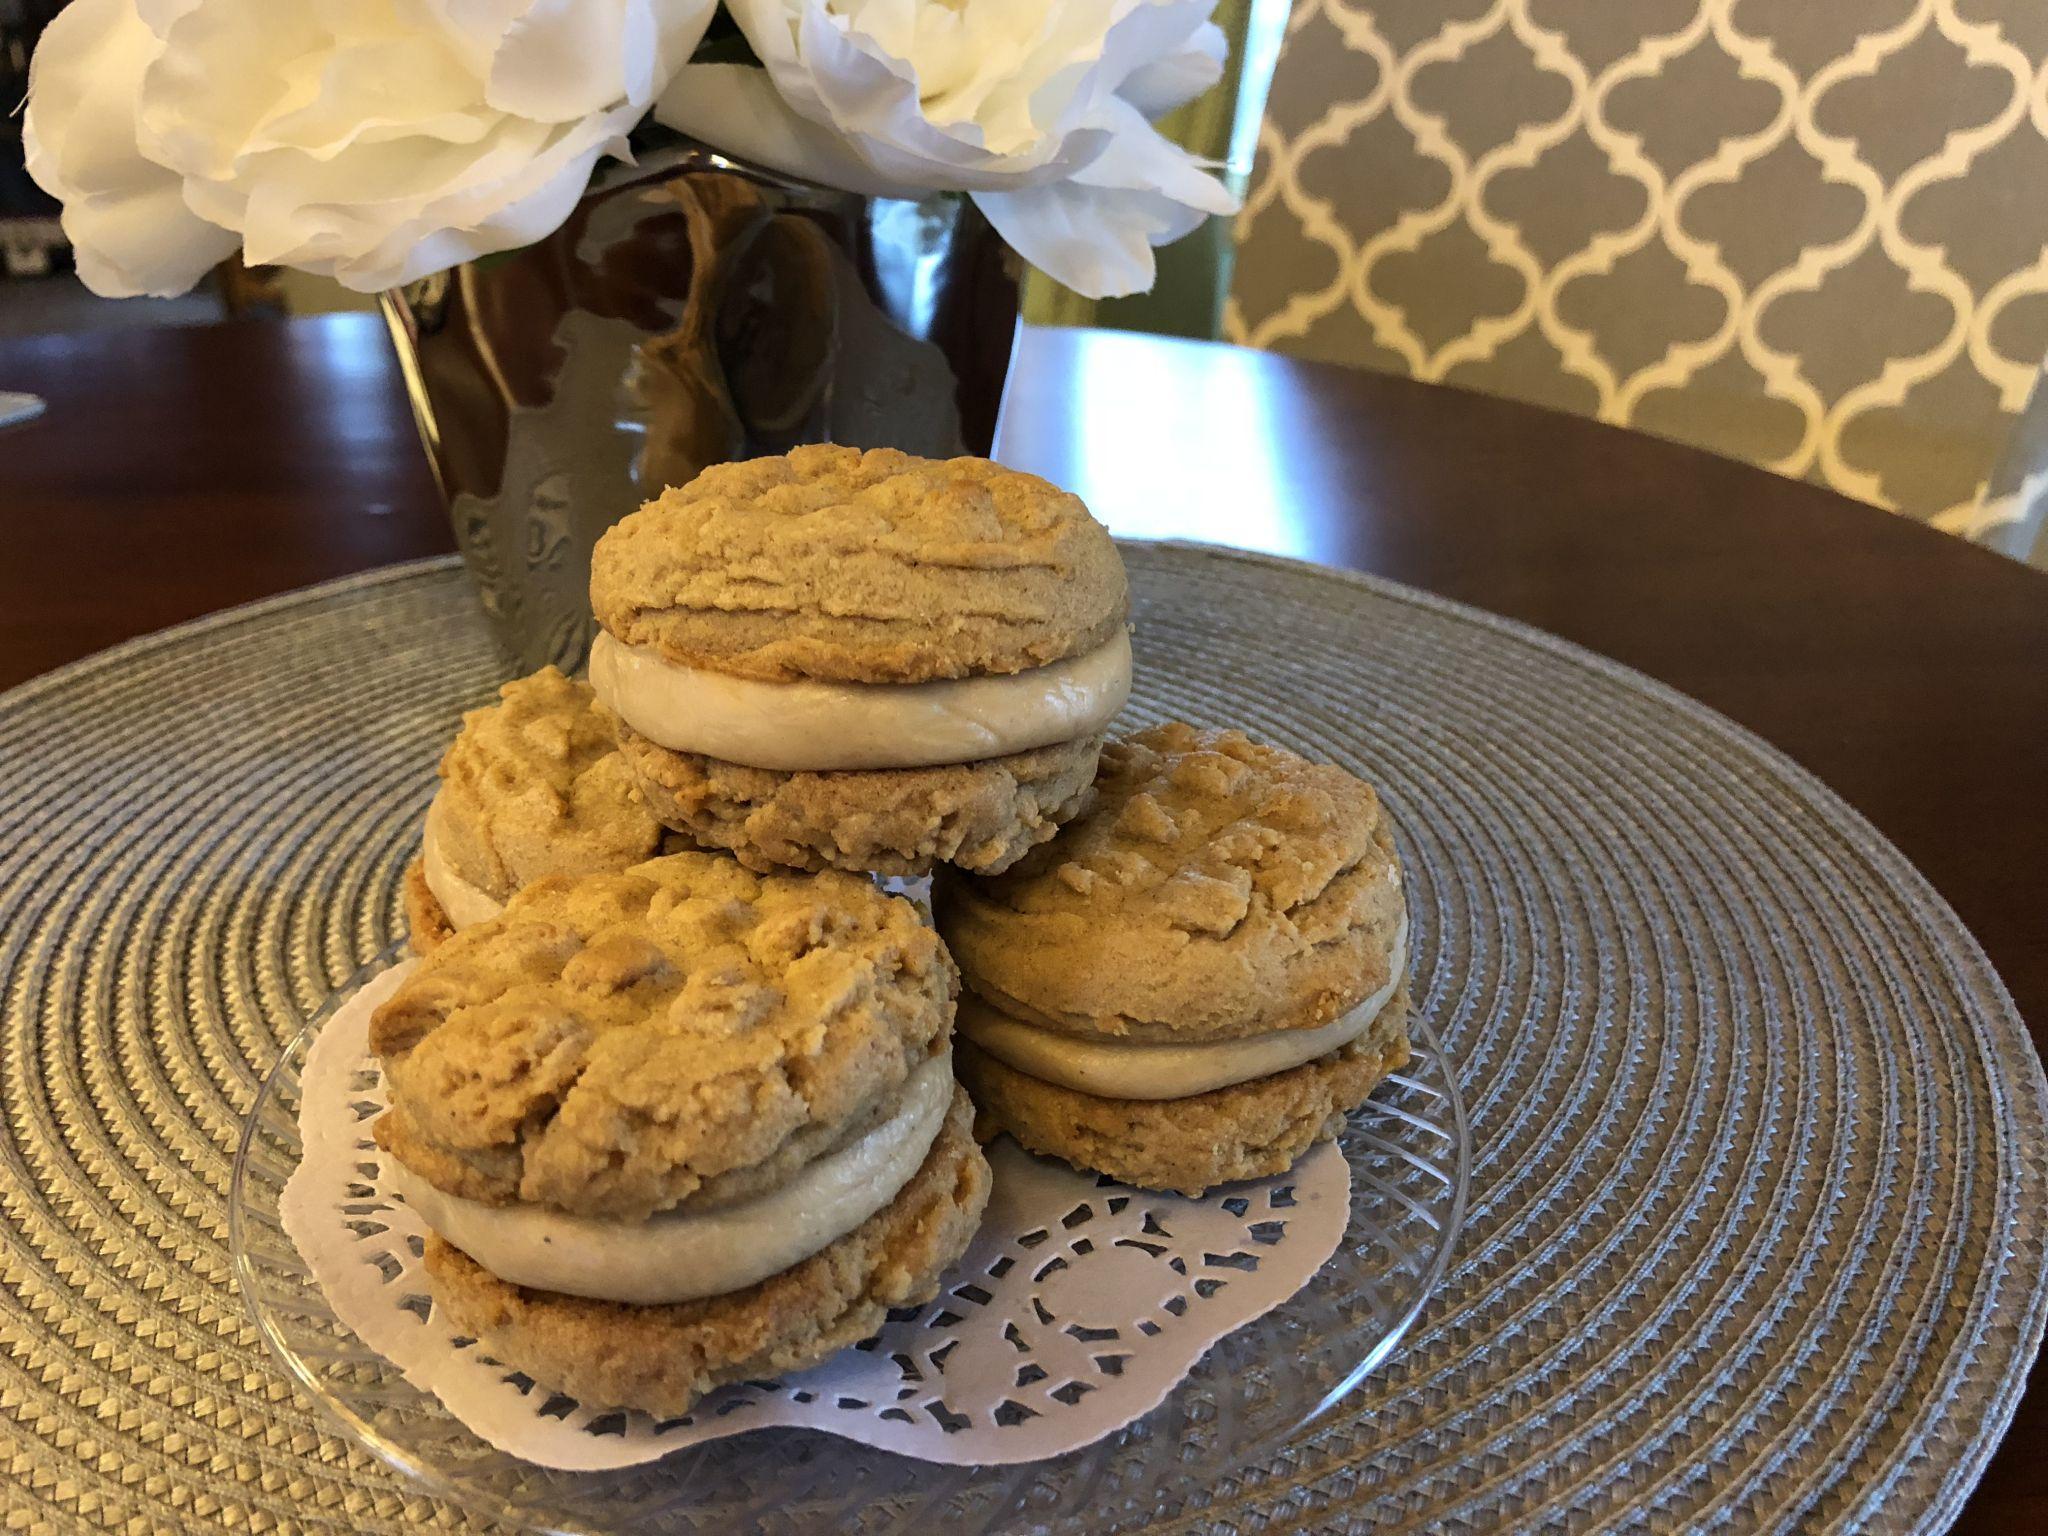 Peanut-Butter-Sandwich-Cookies-4-Pack.jpg?mtime=20200812145526#asset:1601